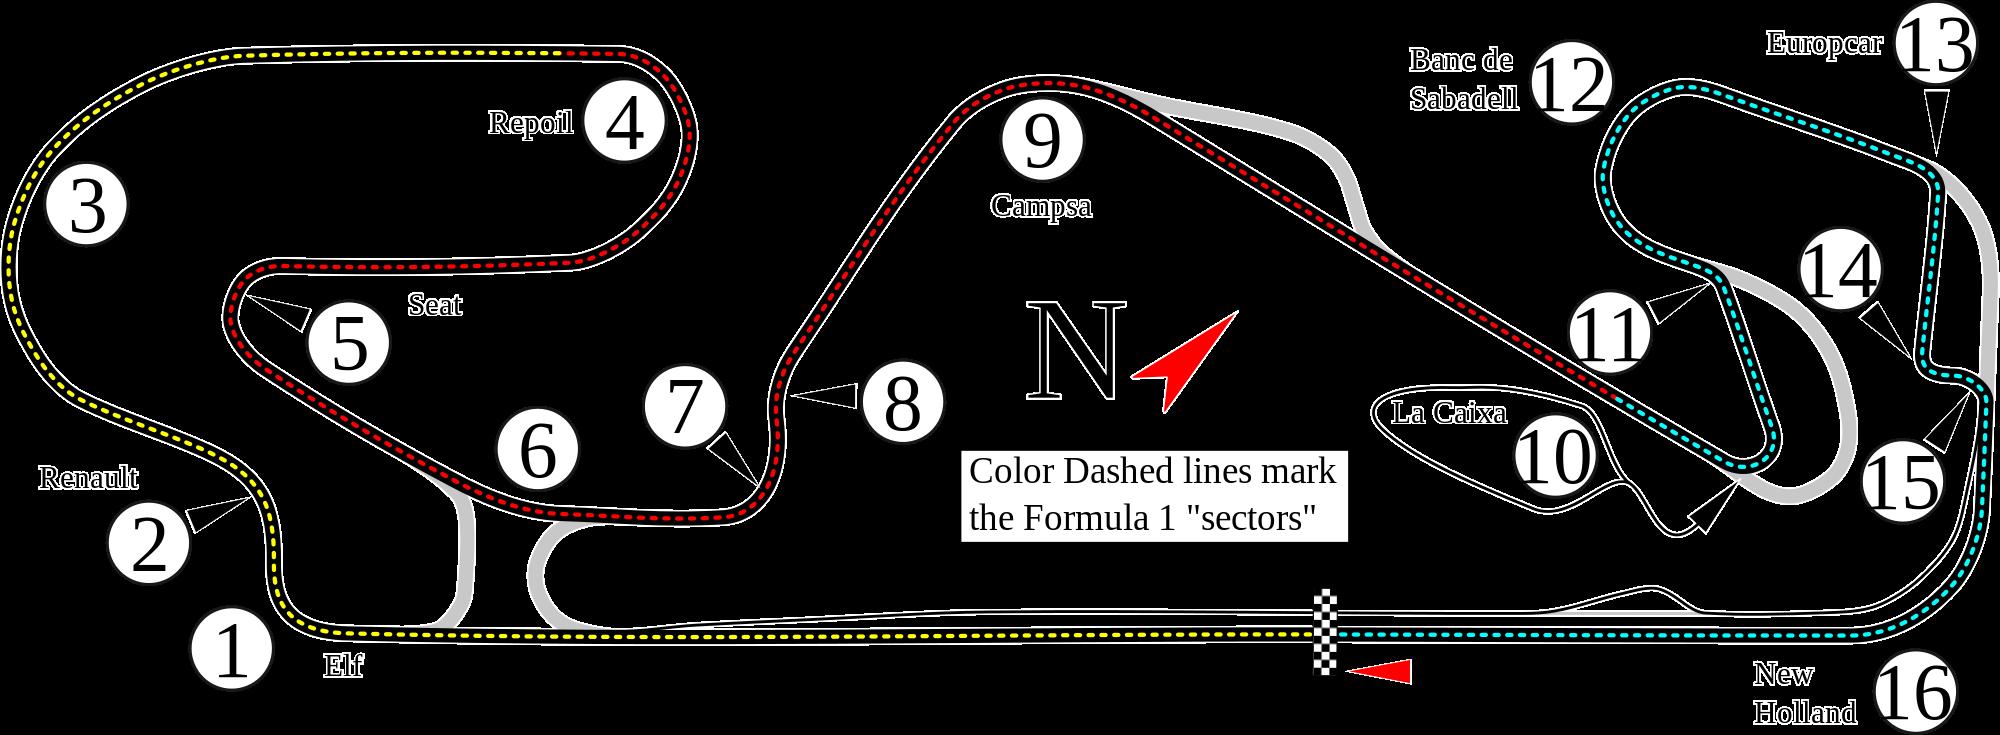 2000px-Catalunya.svg.png